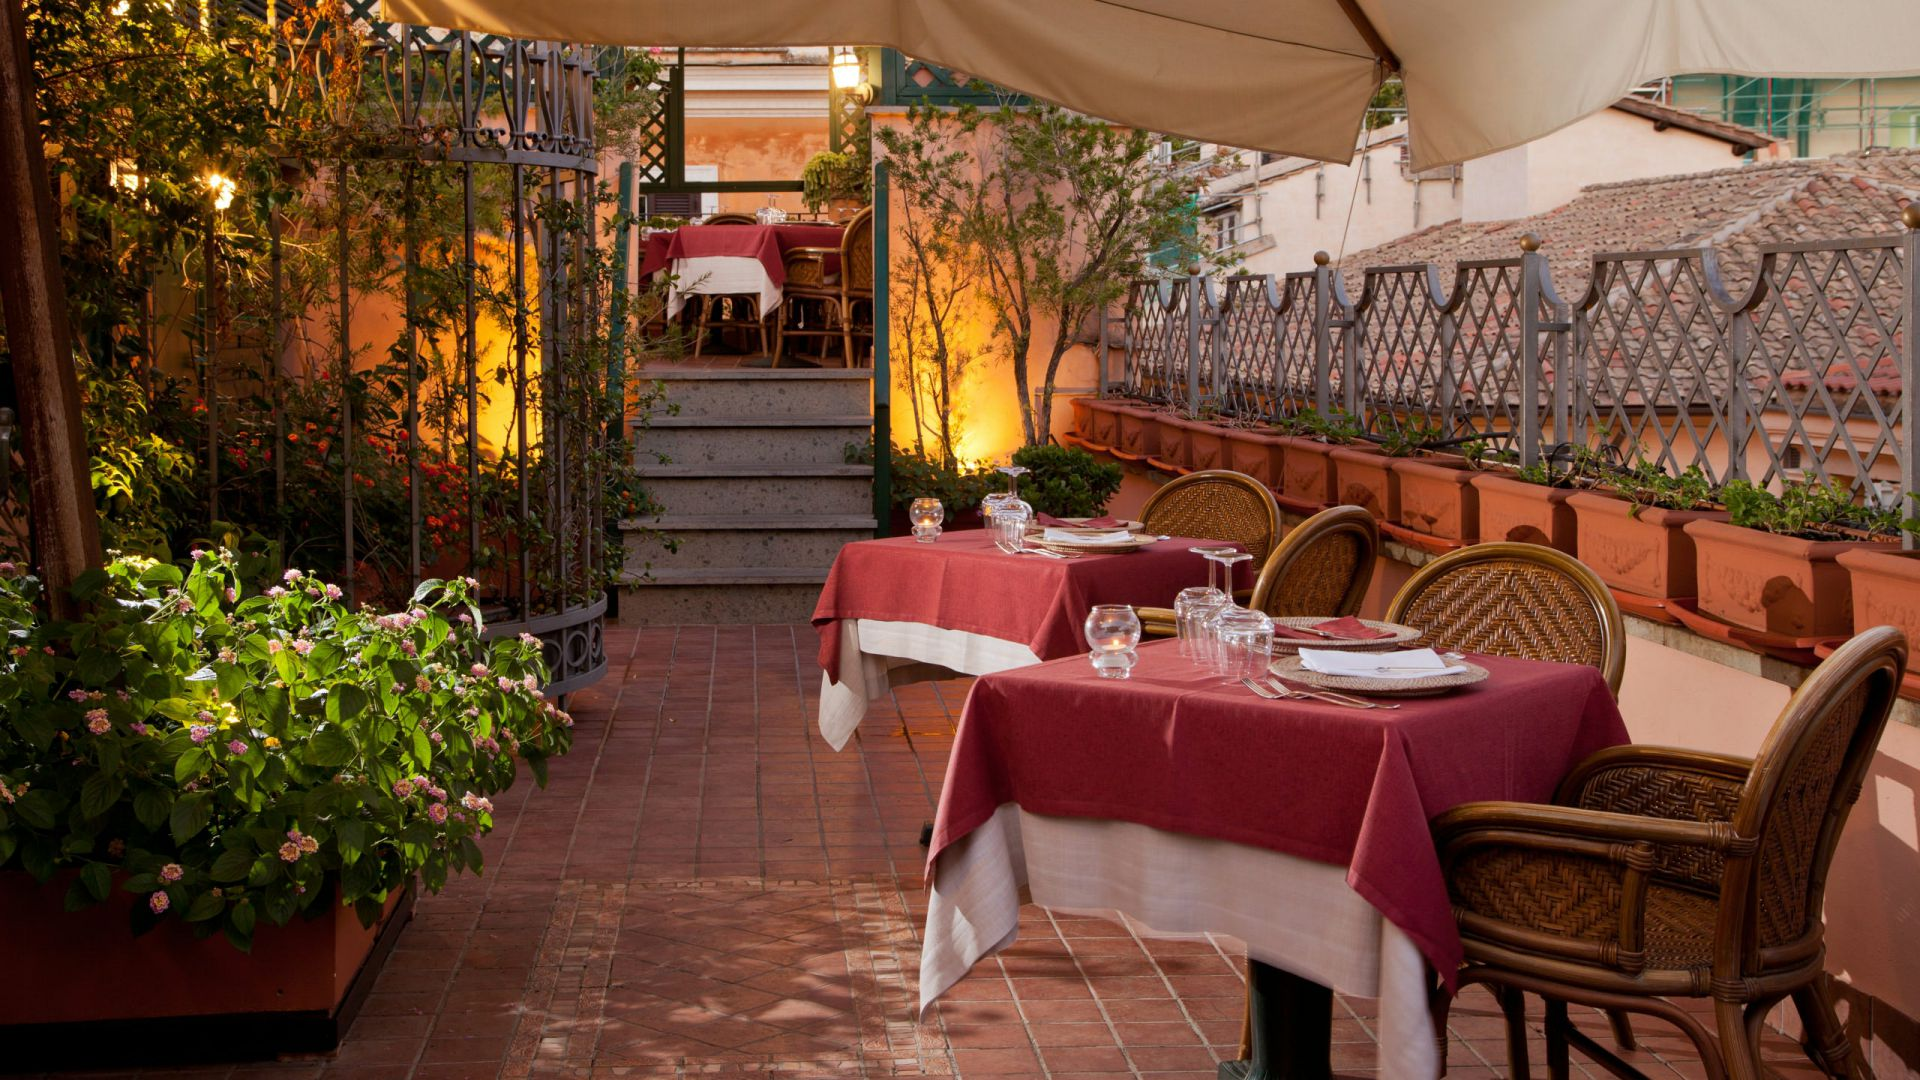 albergo-ottocento-rome-terrasse-02